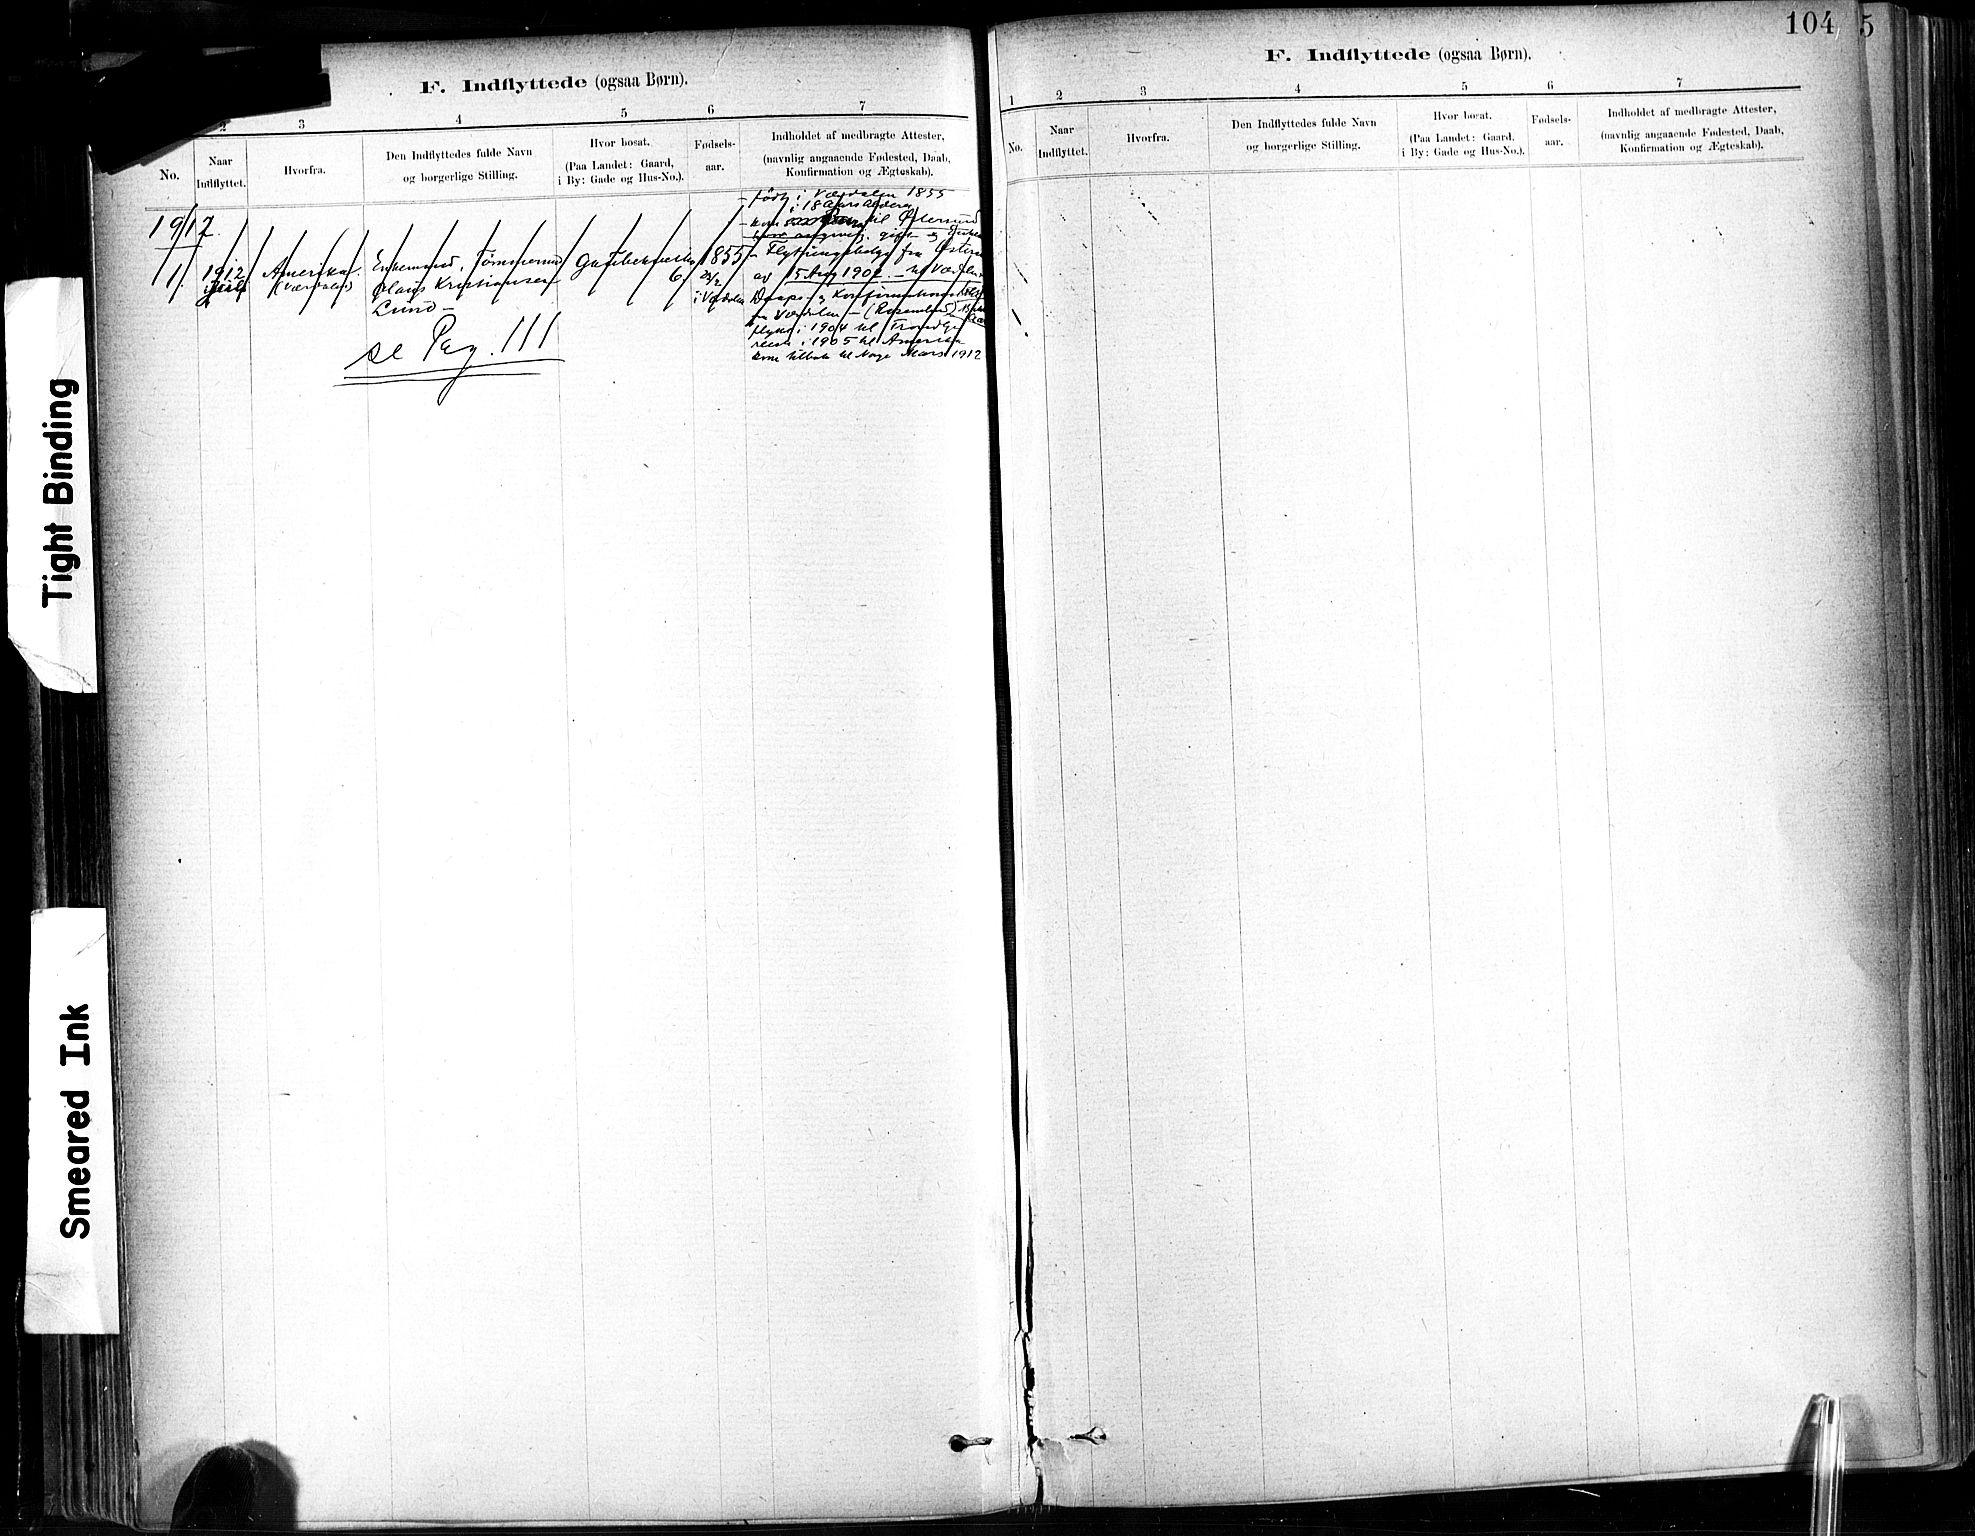 SAT, Ministerialprotokoller, klokkerbøker og fødselsregistre - Sør-Trøndelag, 602/L0120: Ministerialbok nr. 602A18, 1880-1913, s. 104